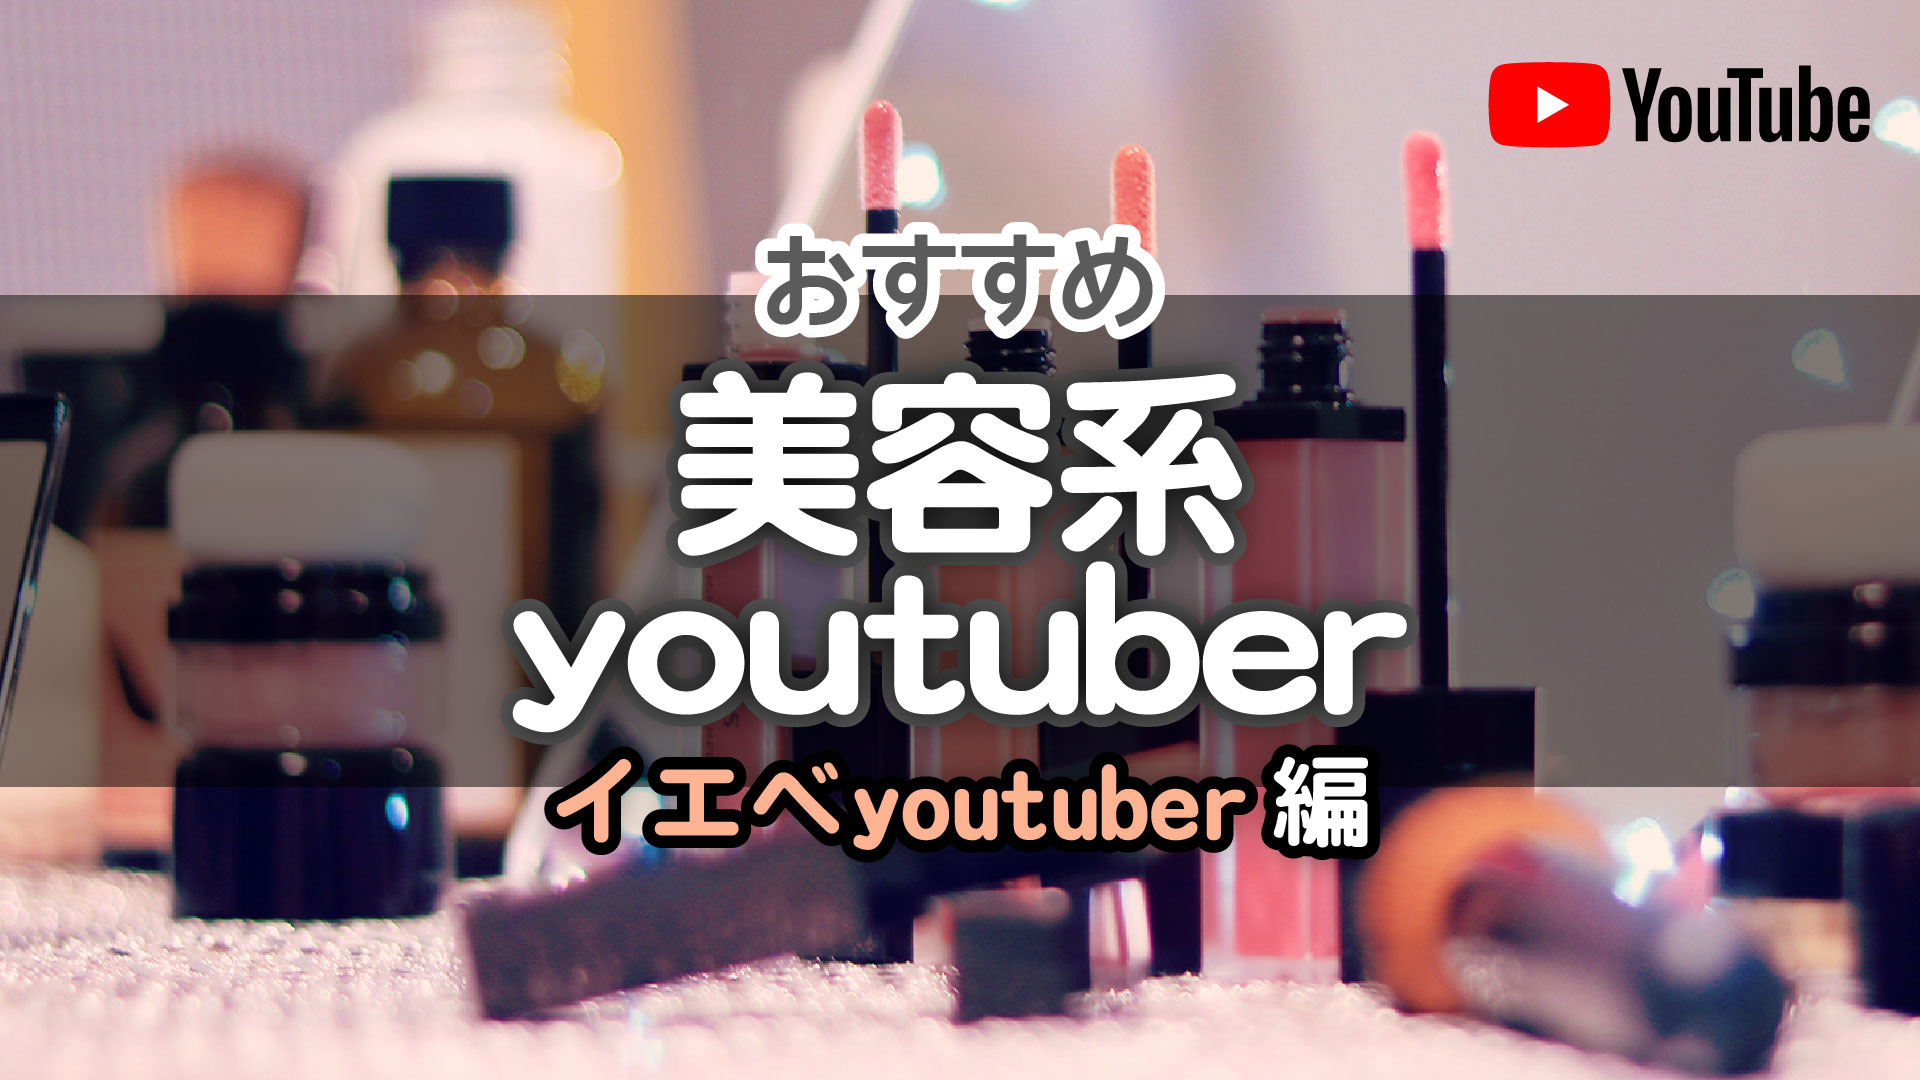 【イエベ】参考にしたい♡美容系youtuber